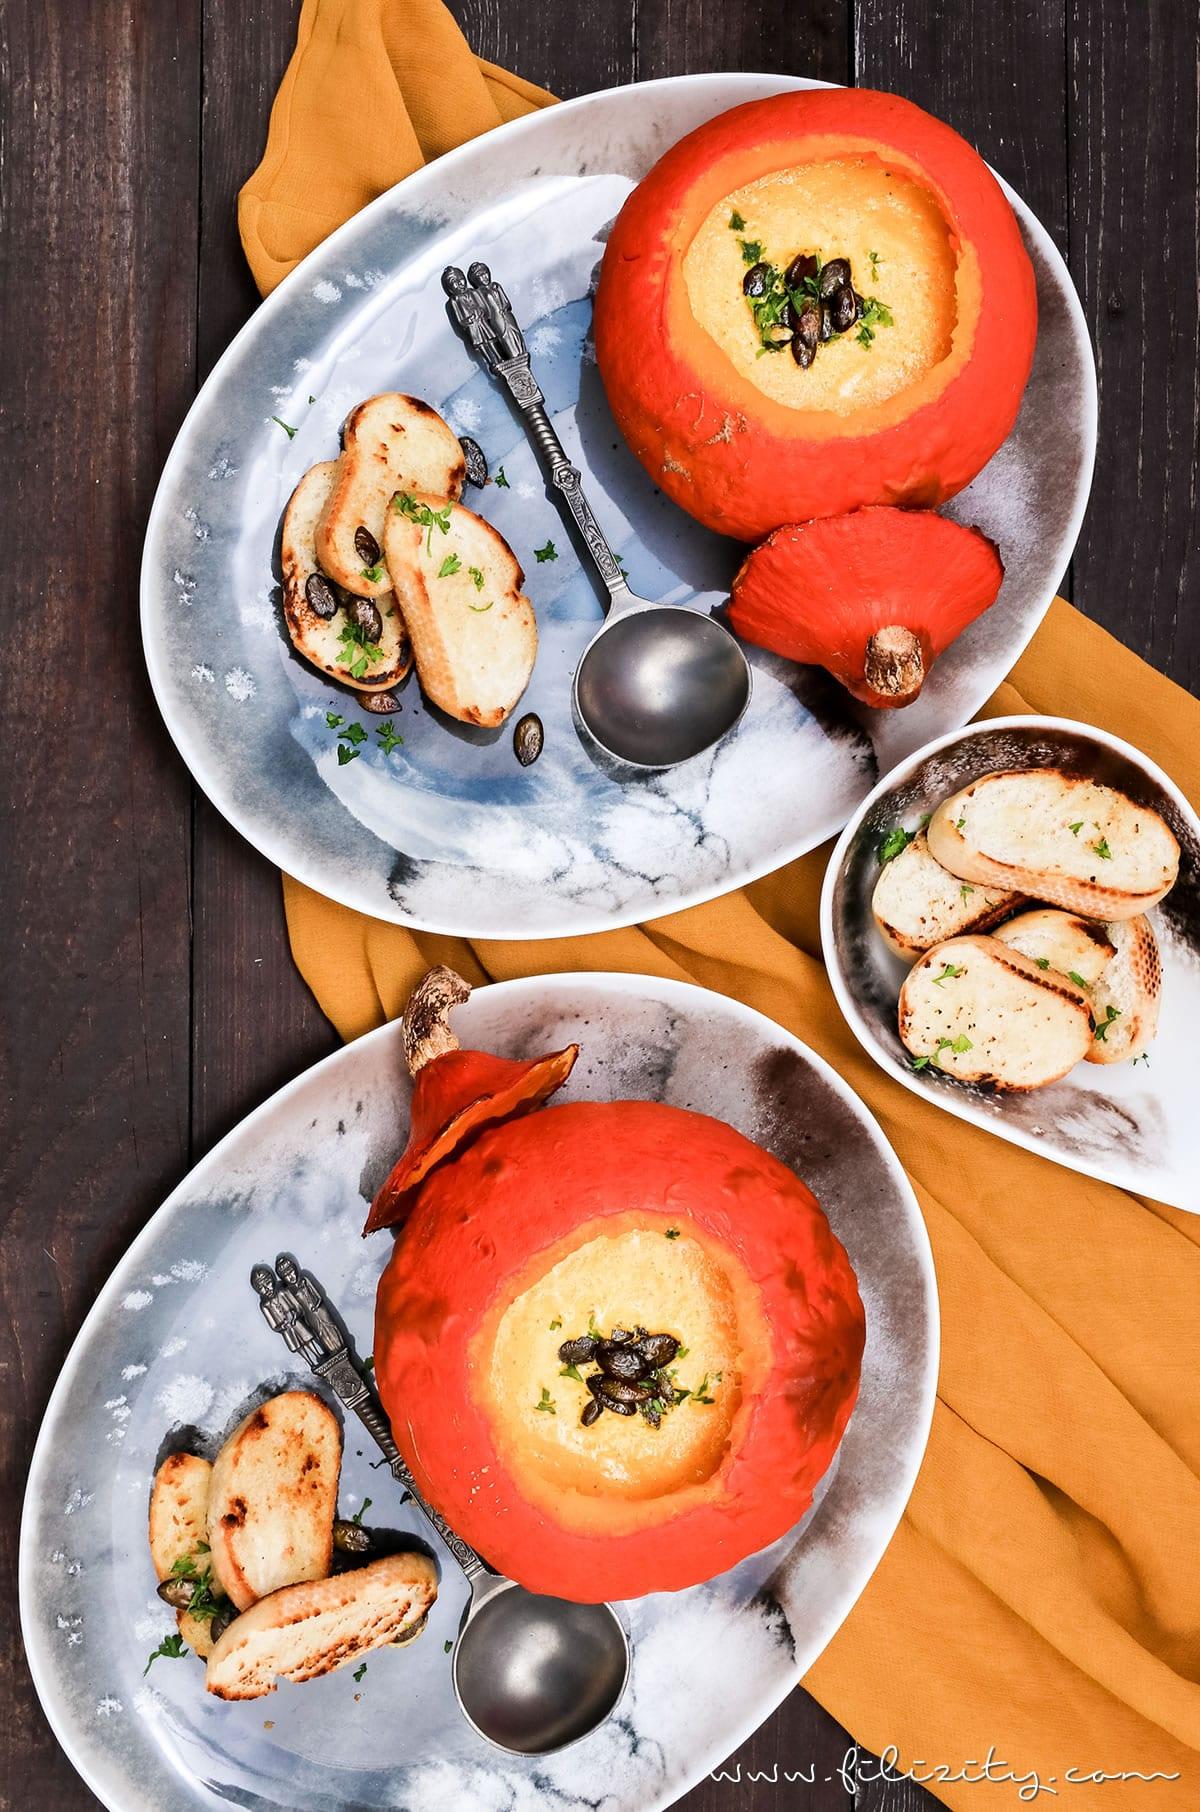 Herbst-Rezept: Kürbis-Suppe aus dem Ofen mit feinem Brie | Filizity.com | Food-Blog aus Koblenz #kürbis #herbst #suppe